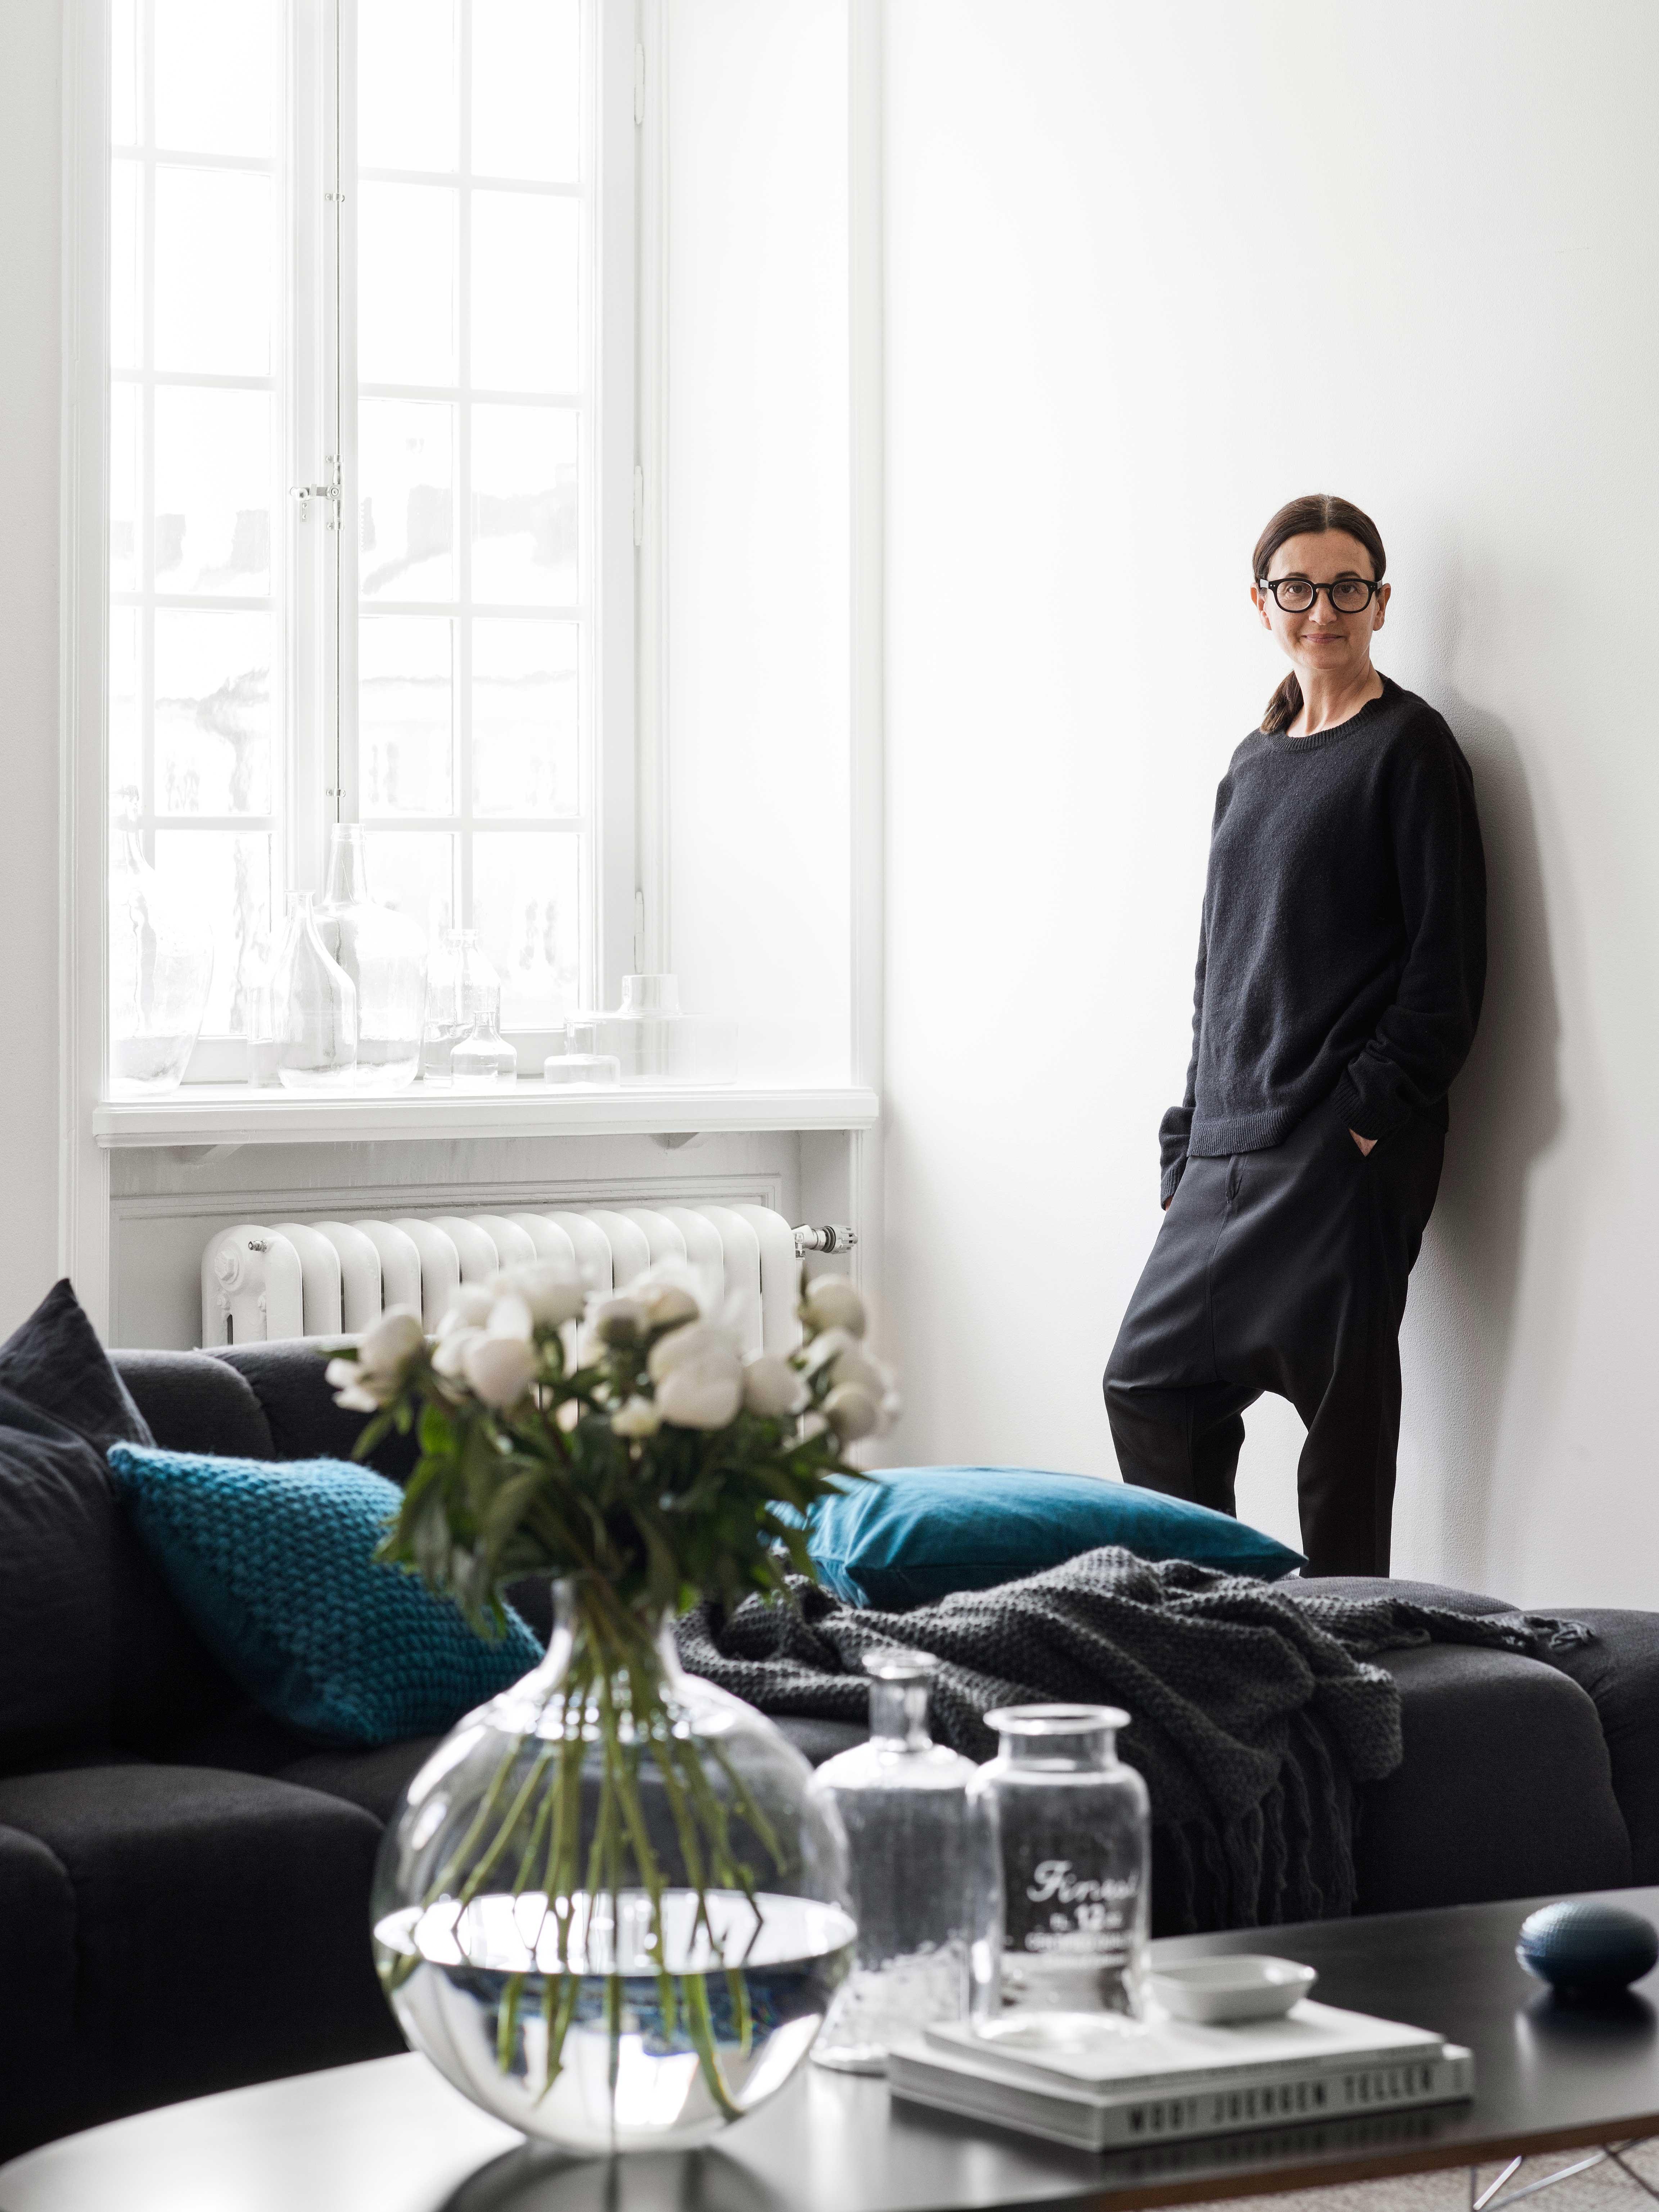 exclusive inside the home of evelina kravaev s derberg. Black Bedroom Furniture Sets. Home Design Ideas